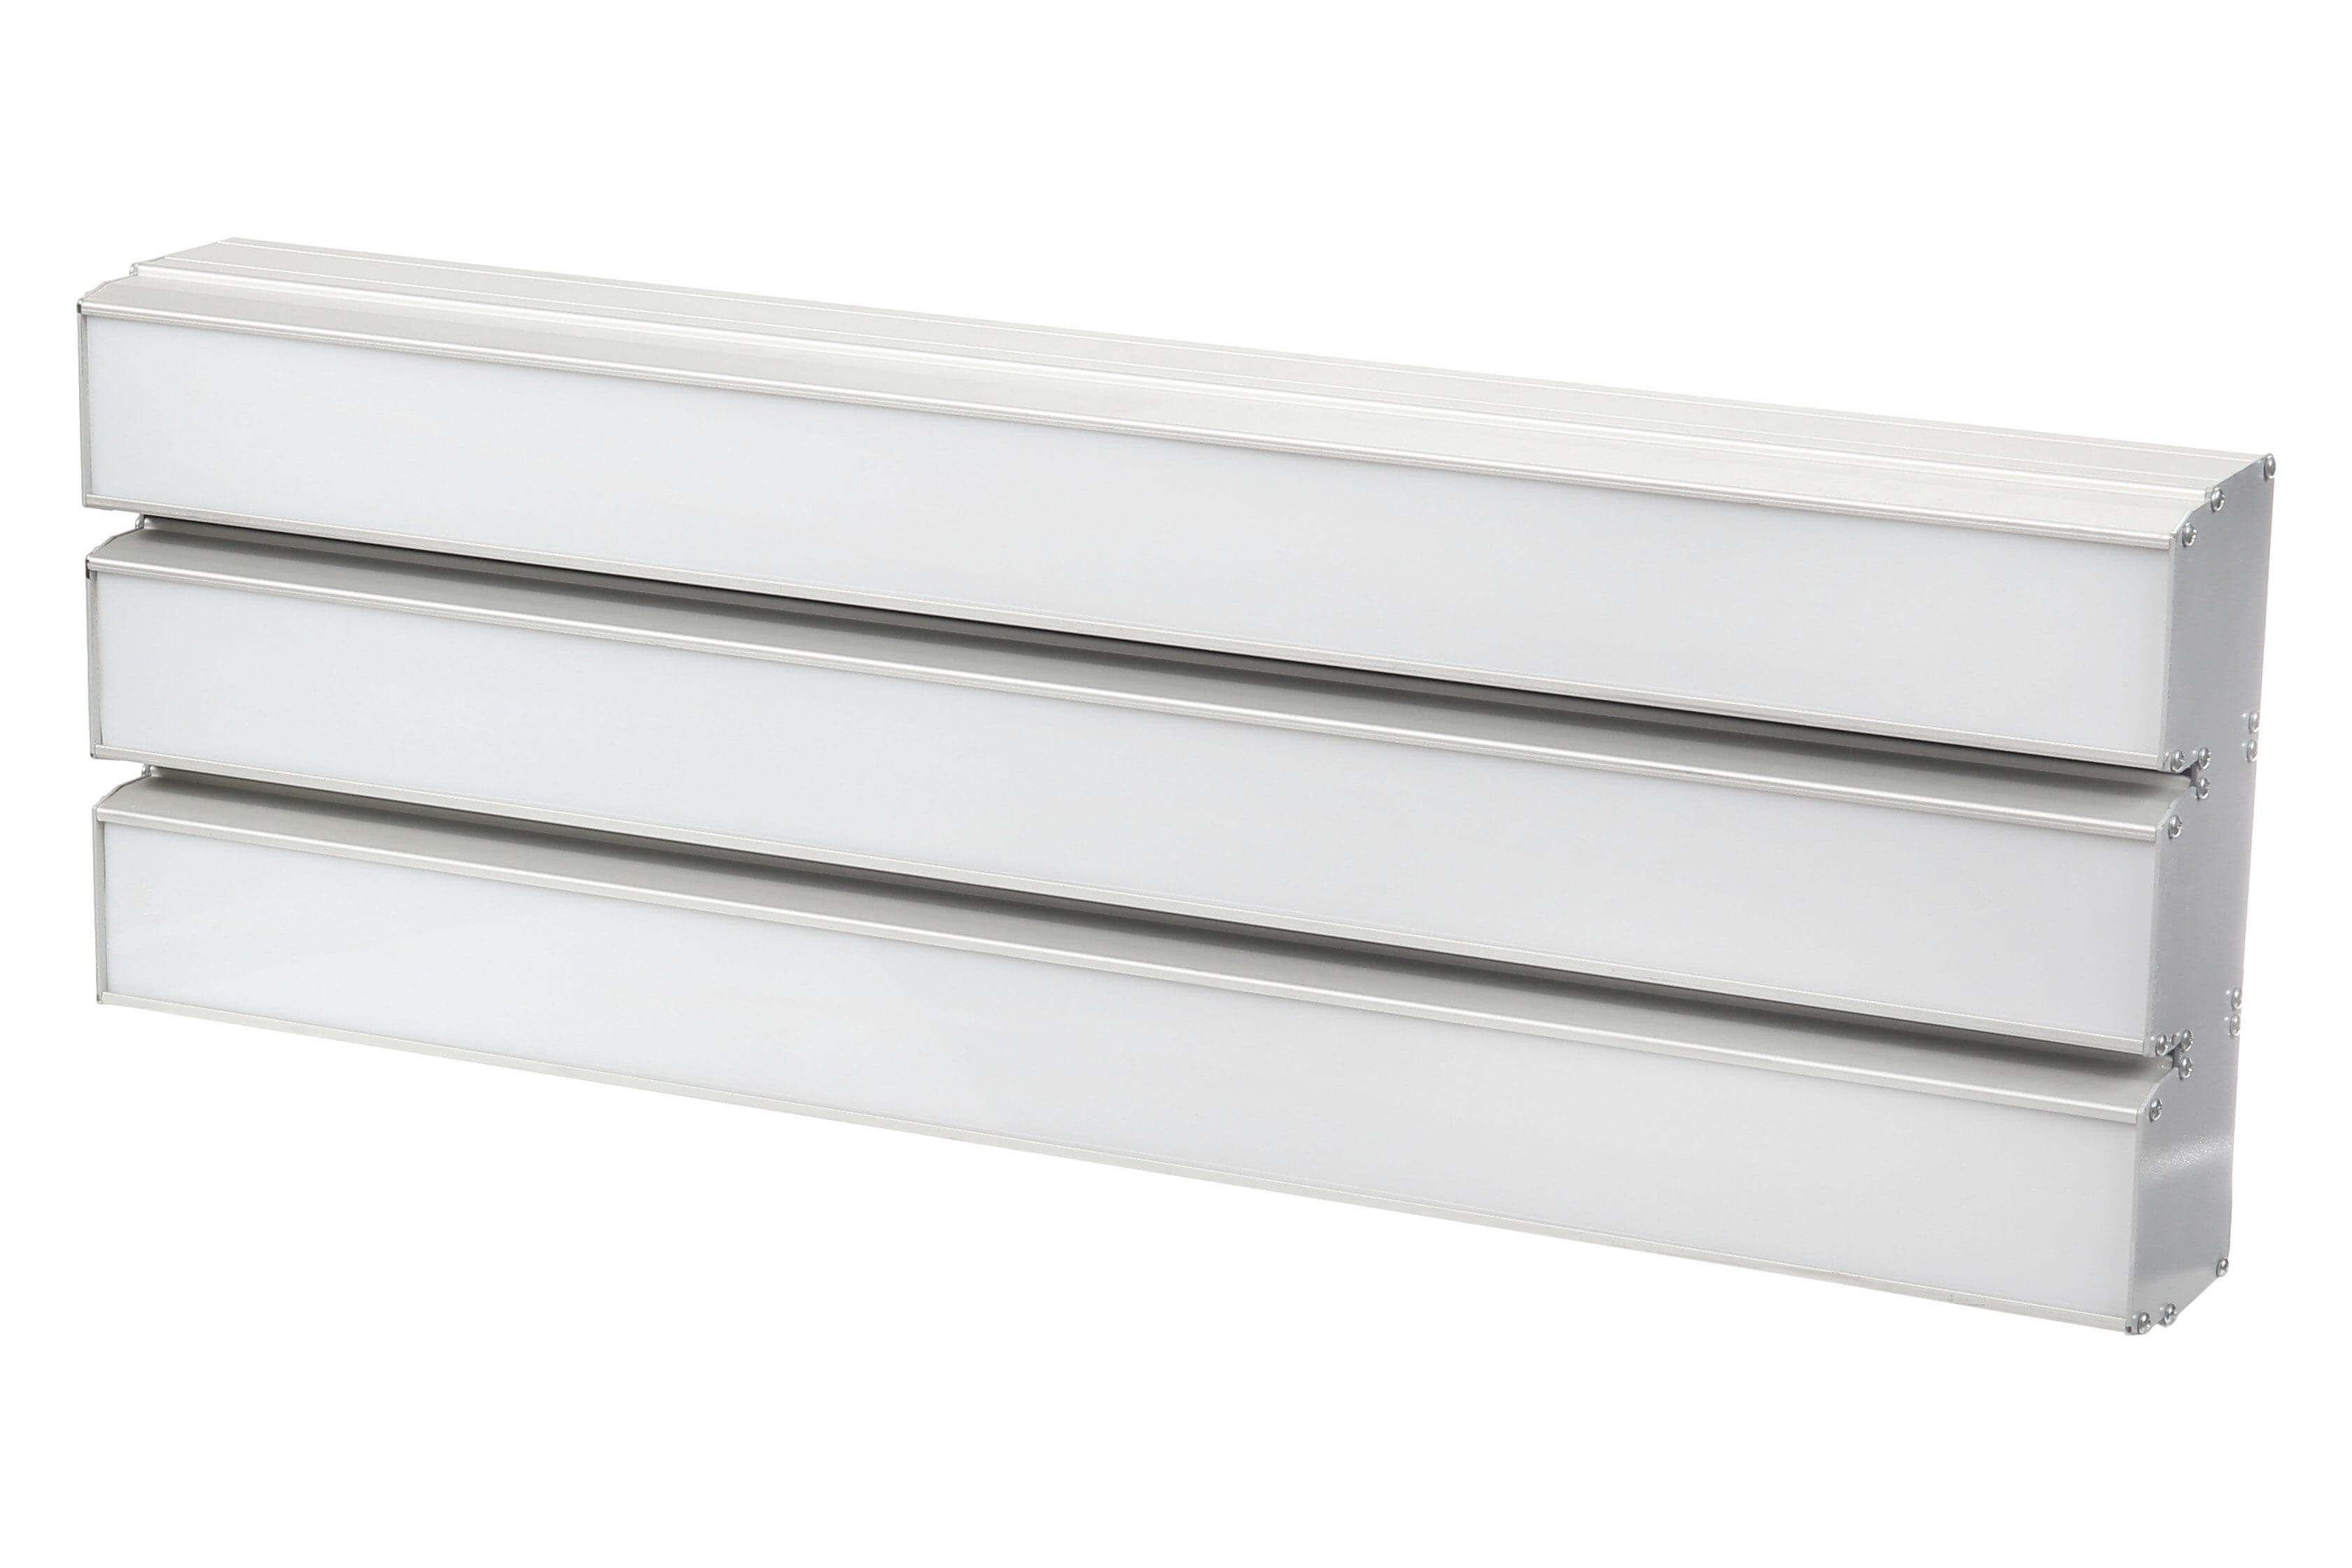 Светодиодный светильник LEDcraft LC-300-3PR2-OP-DW 300 Ватт IP20 (1464 мм) Нейтральный Опал